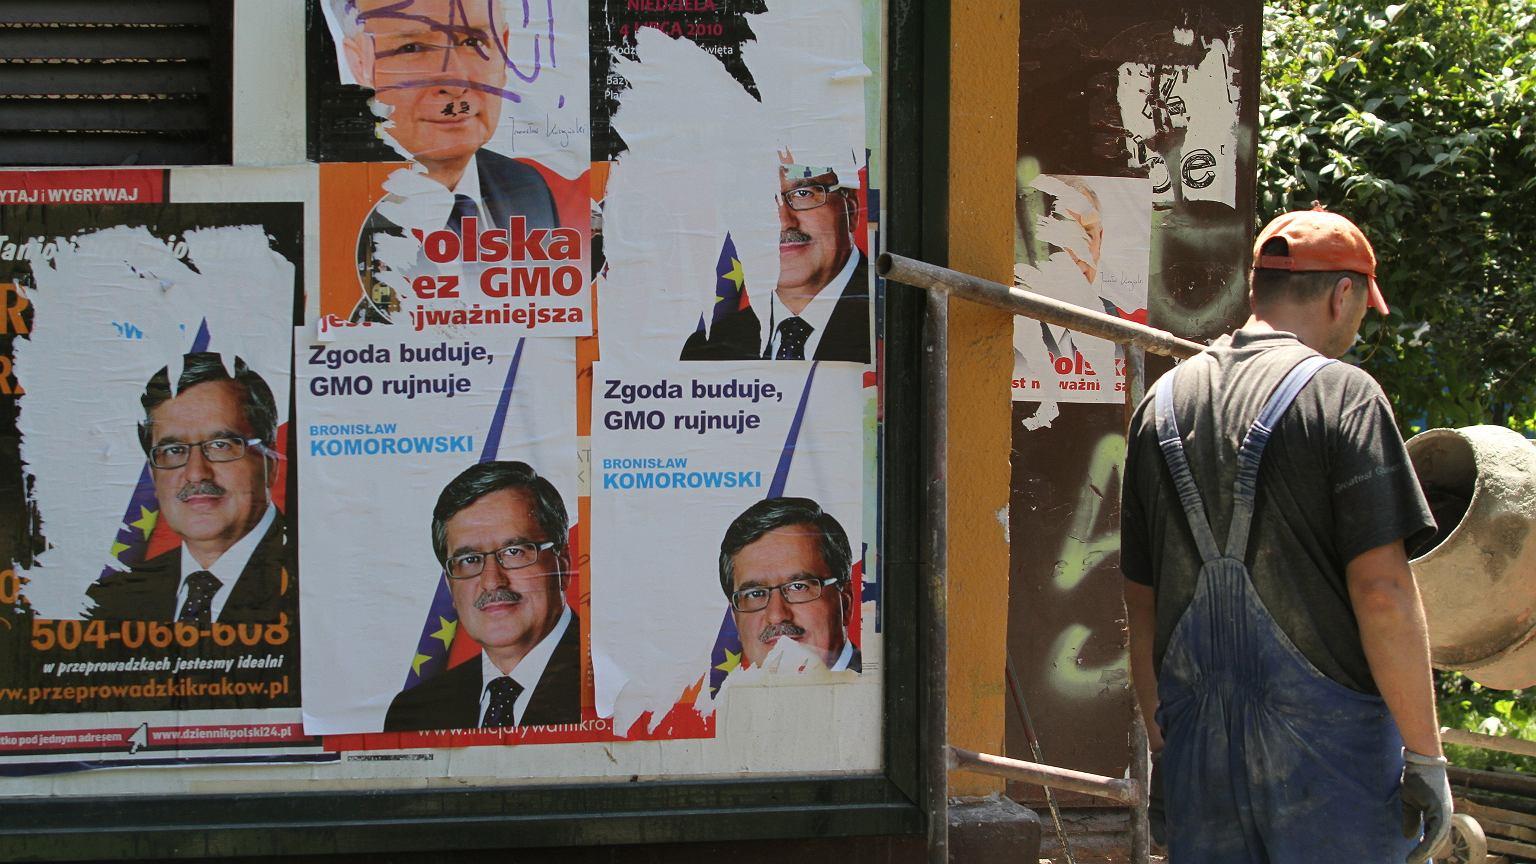 Podrobione przez Greenpeace plakaty podczas prezydenckiej kampanii wyborczej w 2010 r.